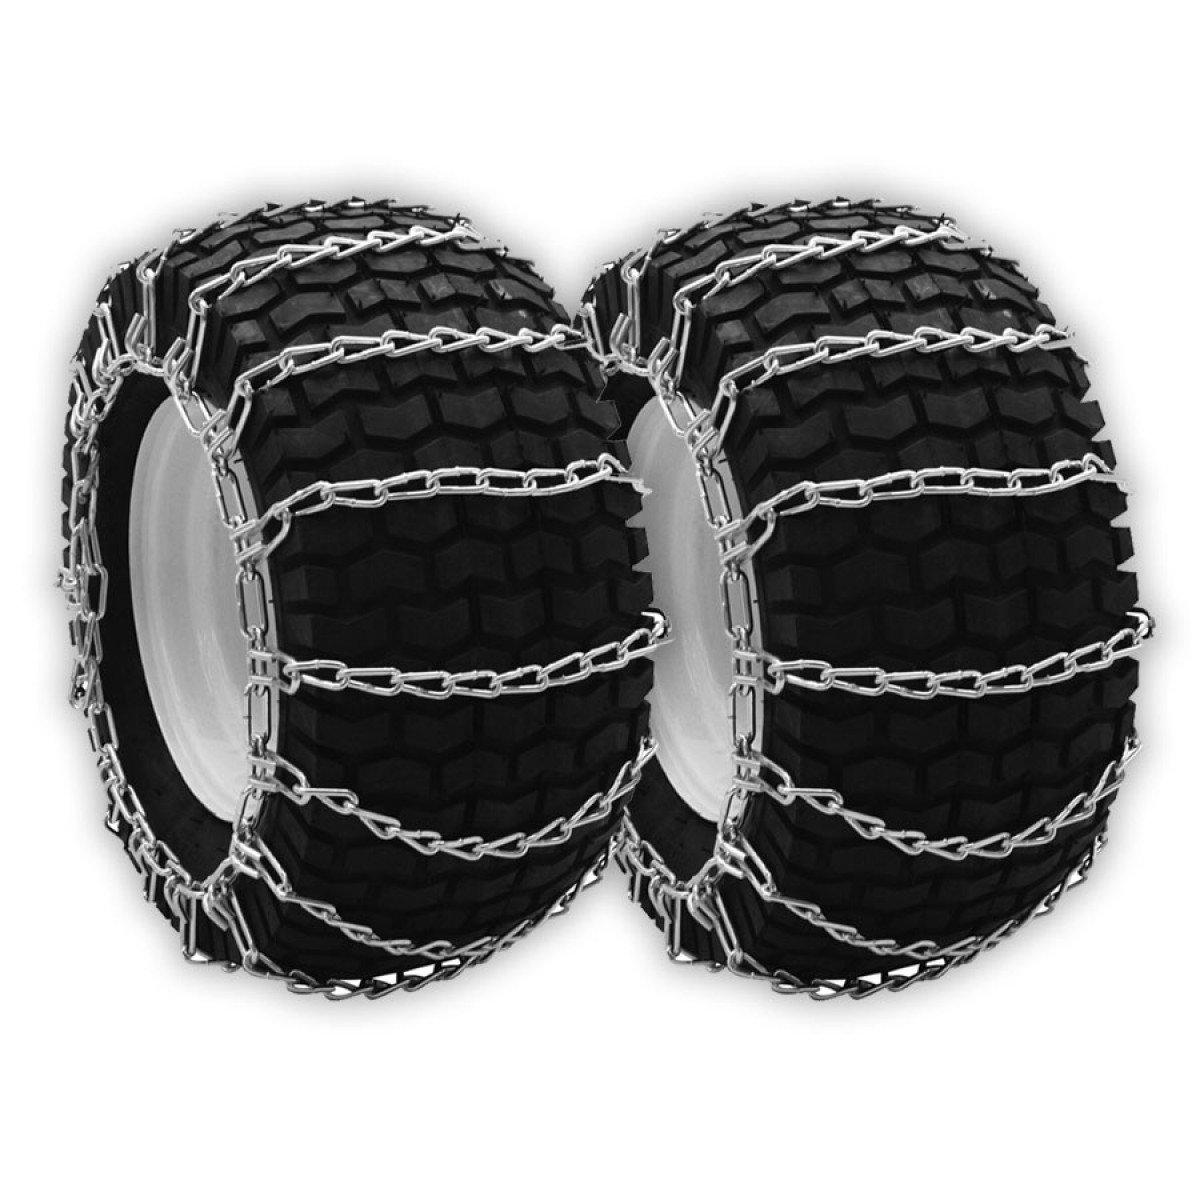 OakTen Set of Two Snow Tire Chains for Lawn Tractor Snowblowers Repl Husqvarna 531 3071-86, 531307186 (22''x9.50''x12'') by OakTen